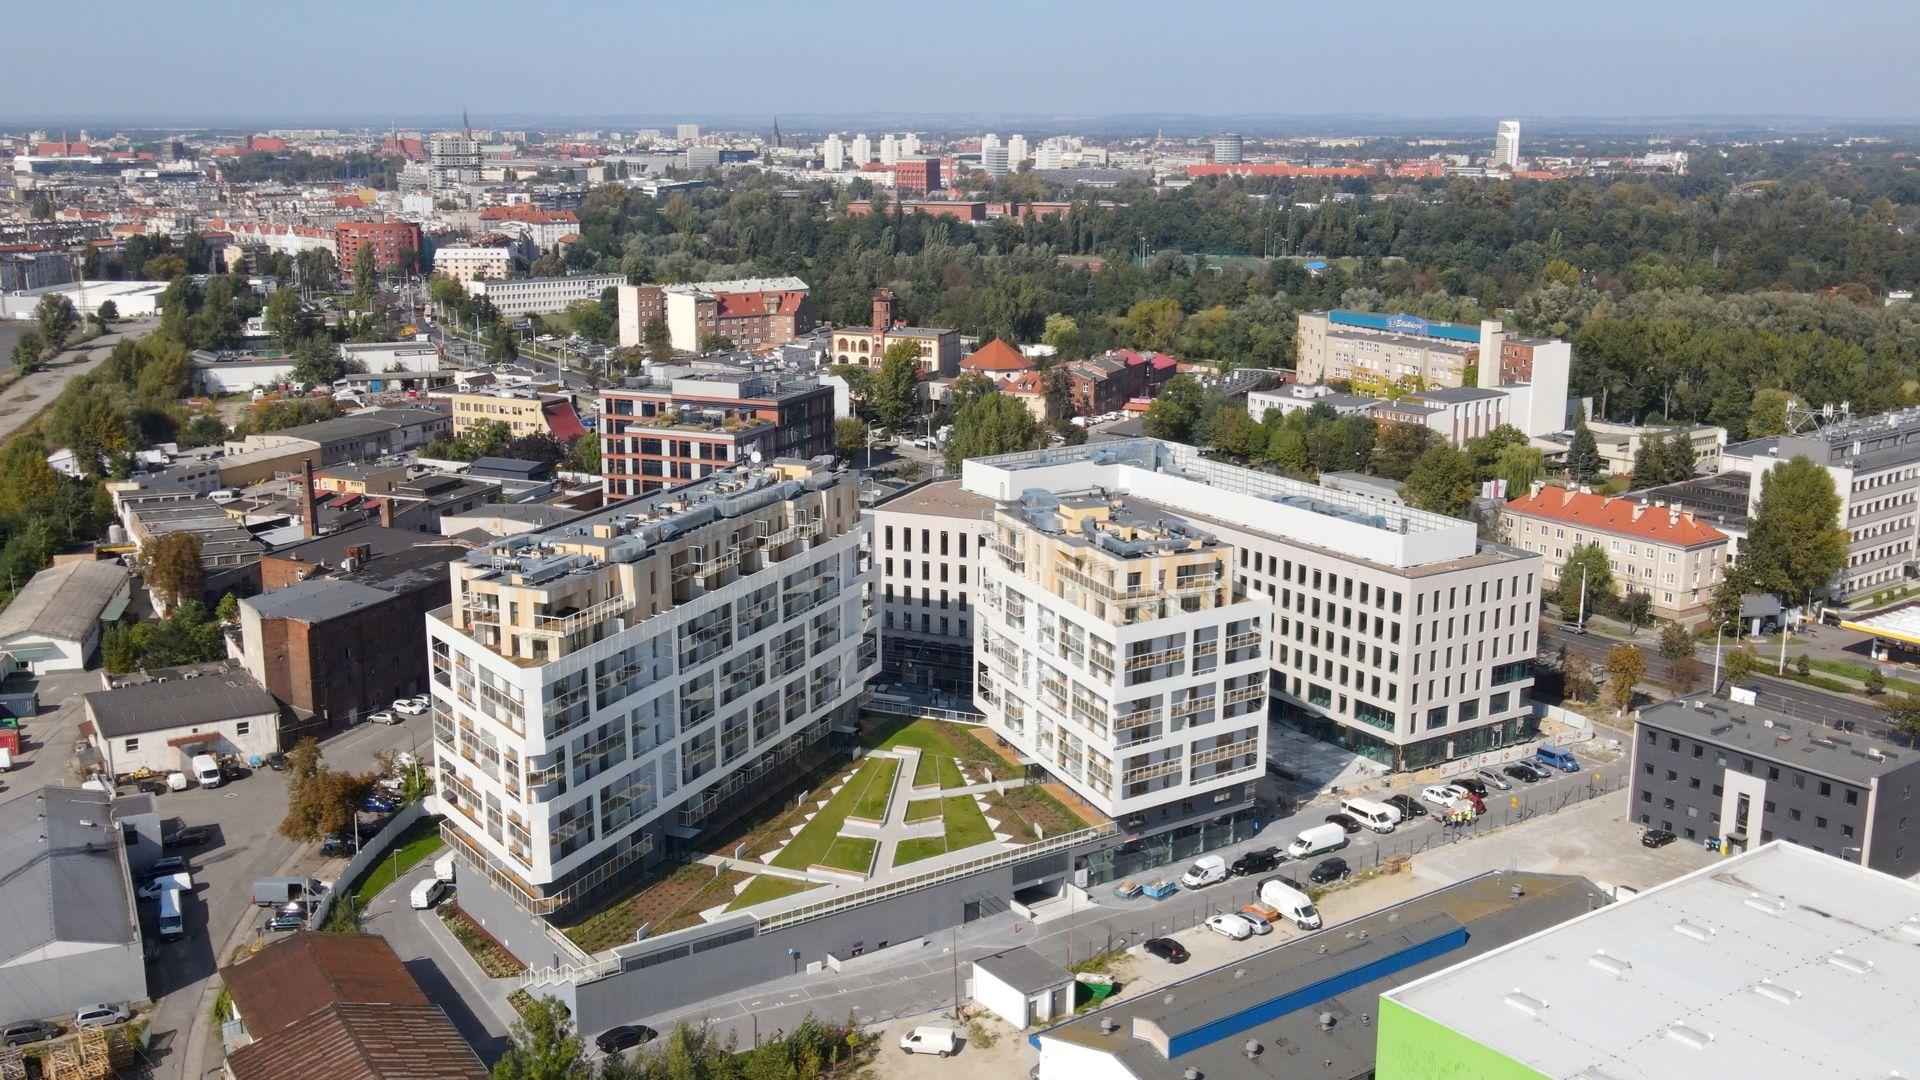 Wrocław: Krakowska 37 – ATAL sprzedaje gotowe apartamenty inwestycyjne wykończone pod klucz [FILM]